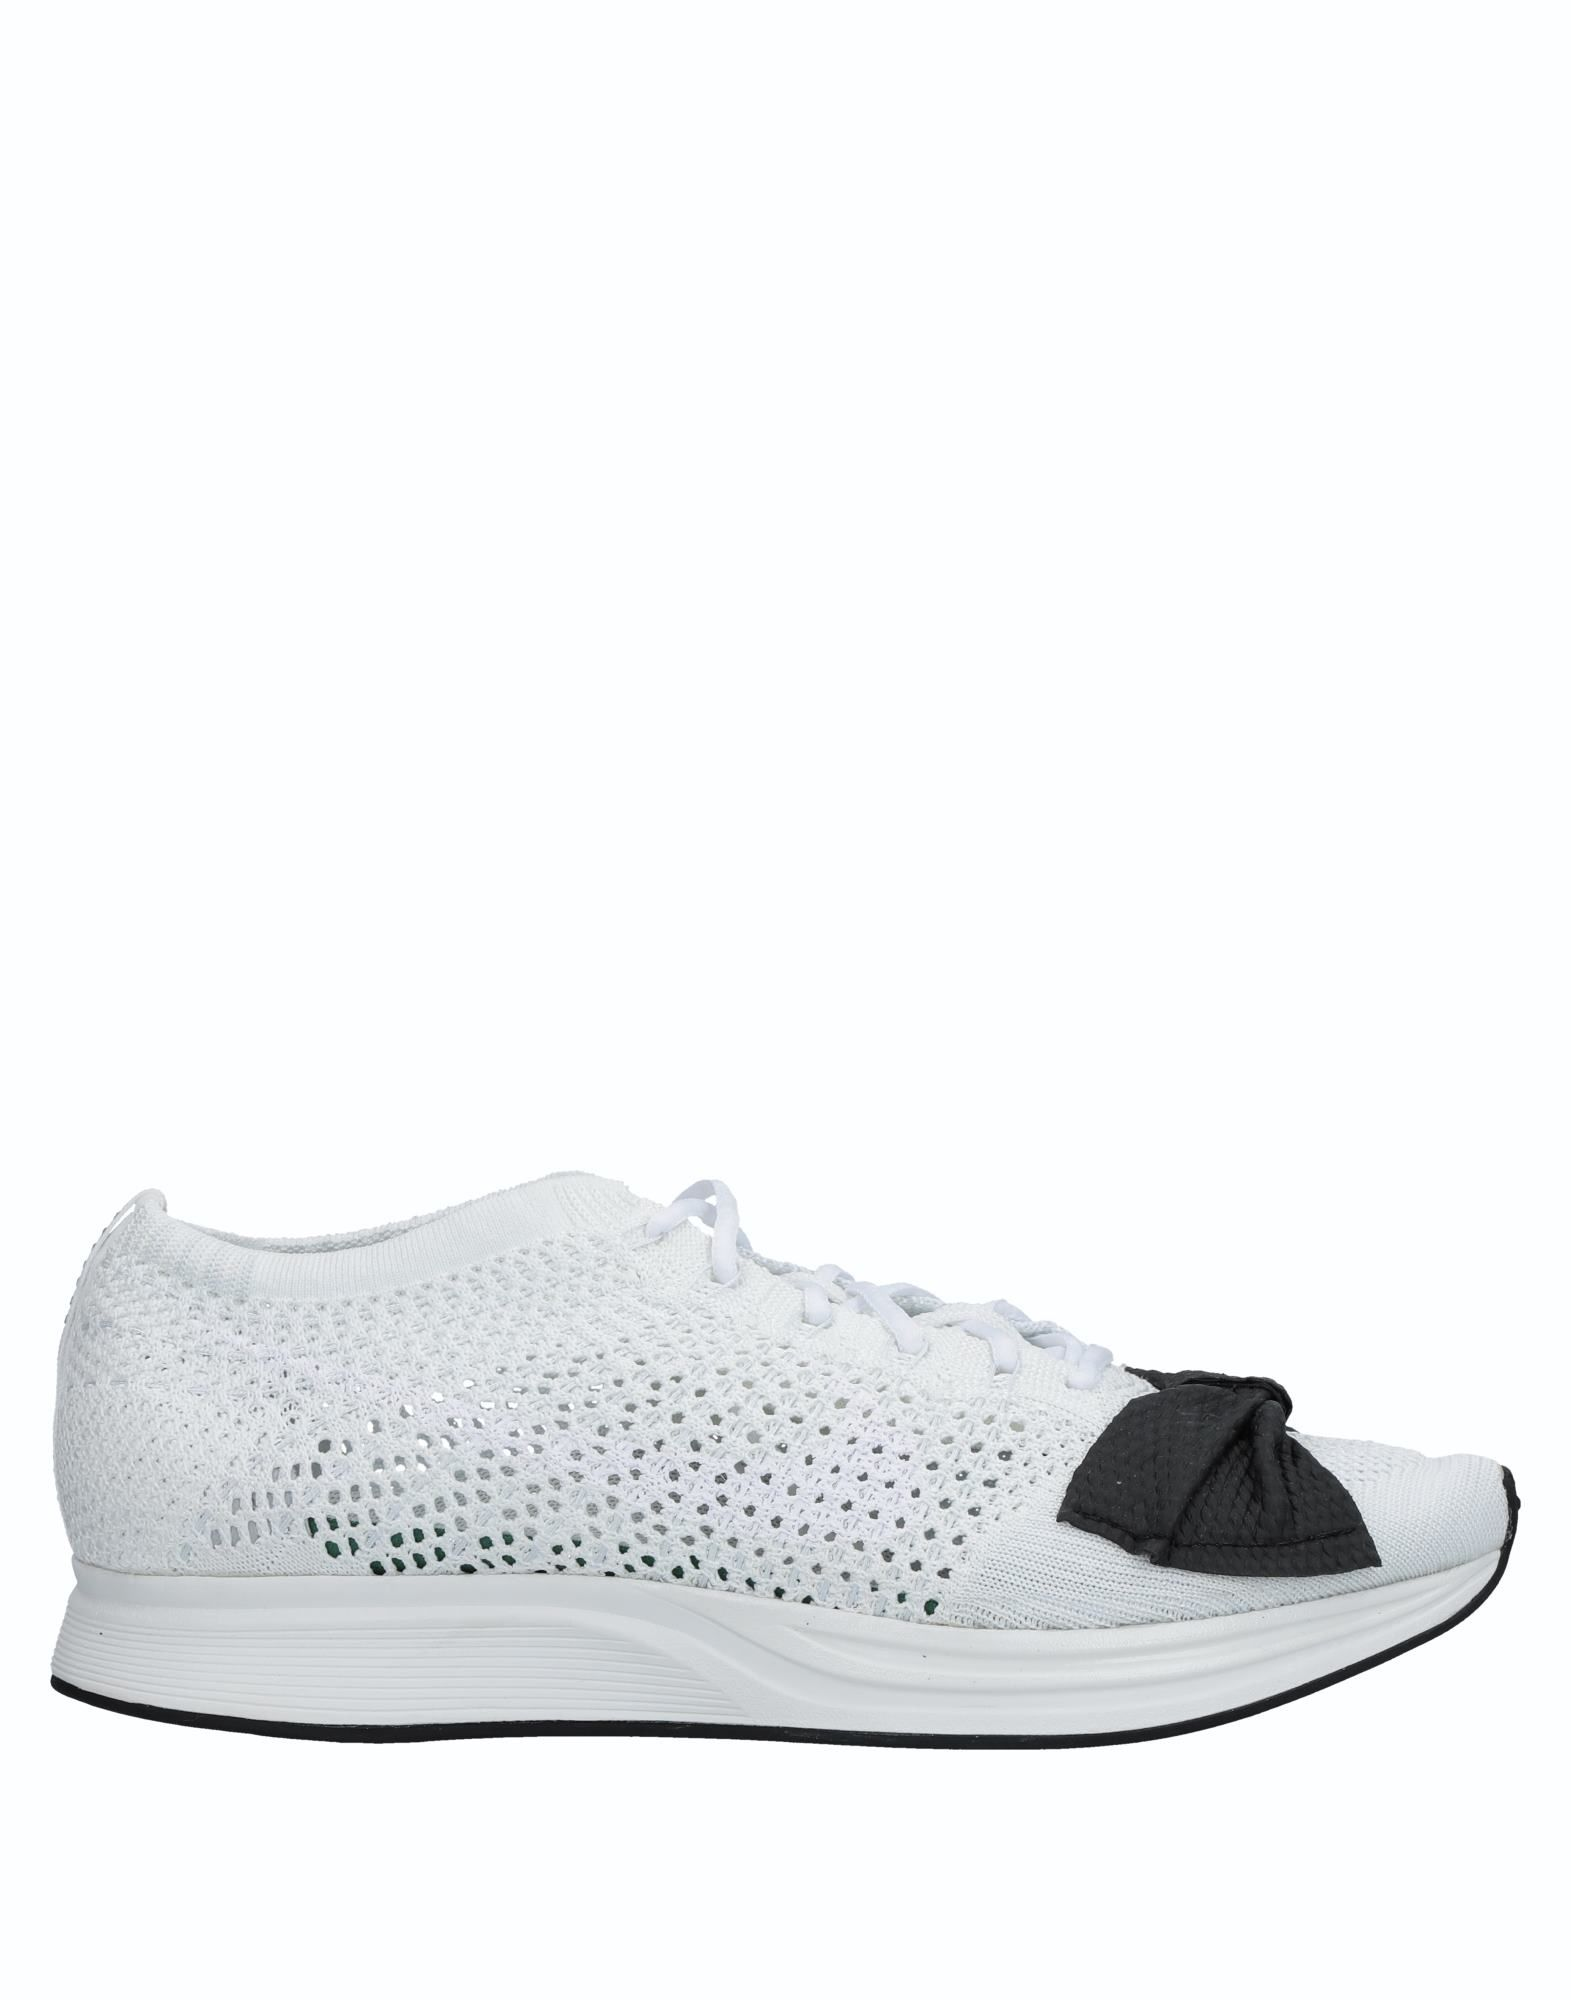 Sneakers Bikkembergs Uomo - 11520873OP Scarpe economiche e buone